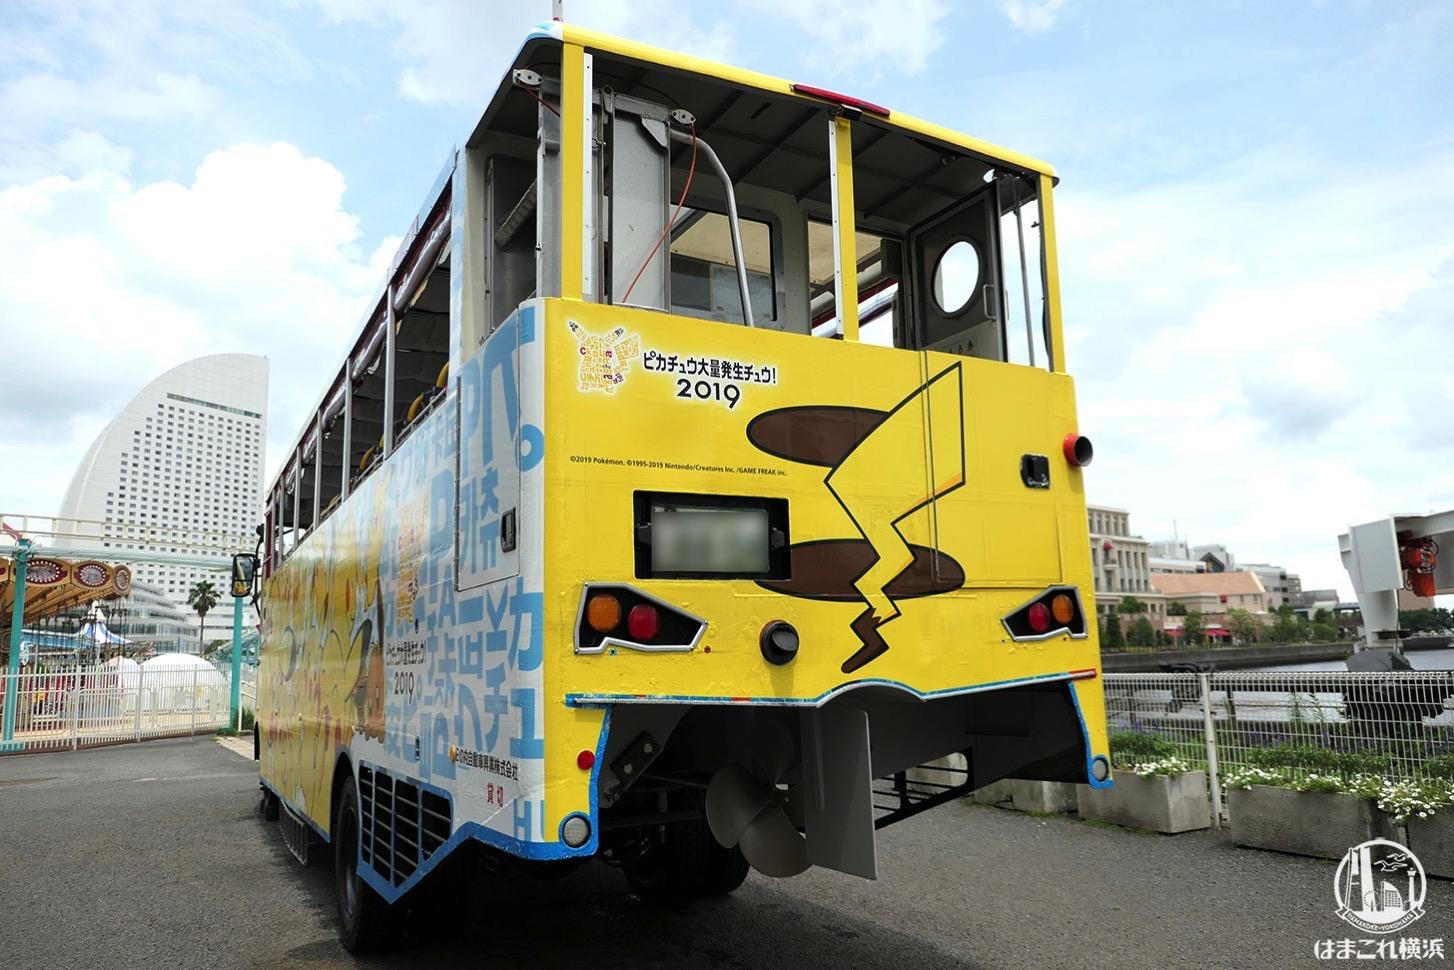 水陸両用バス「スカイダック」ピカチュウラッピング 後ろしっぽ